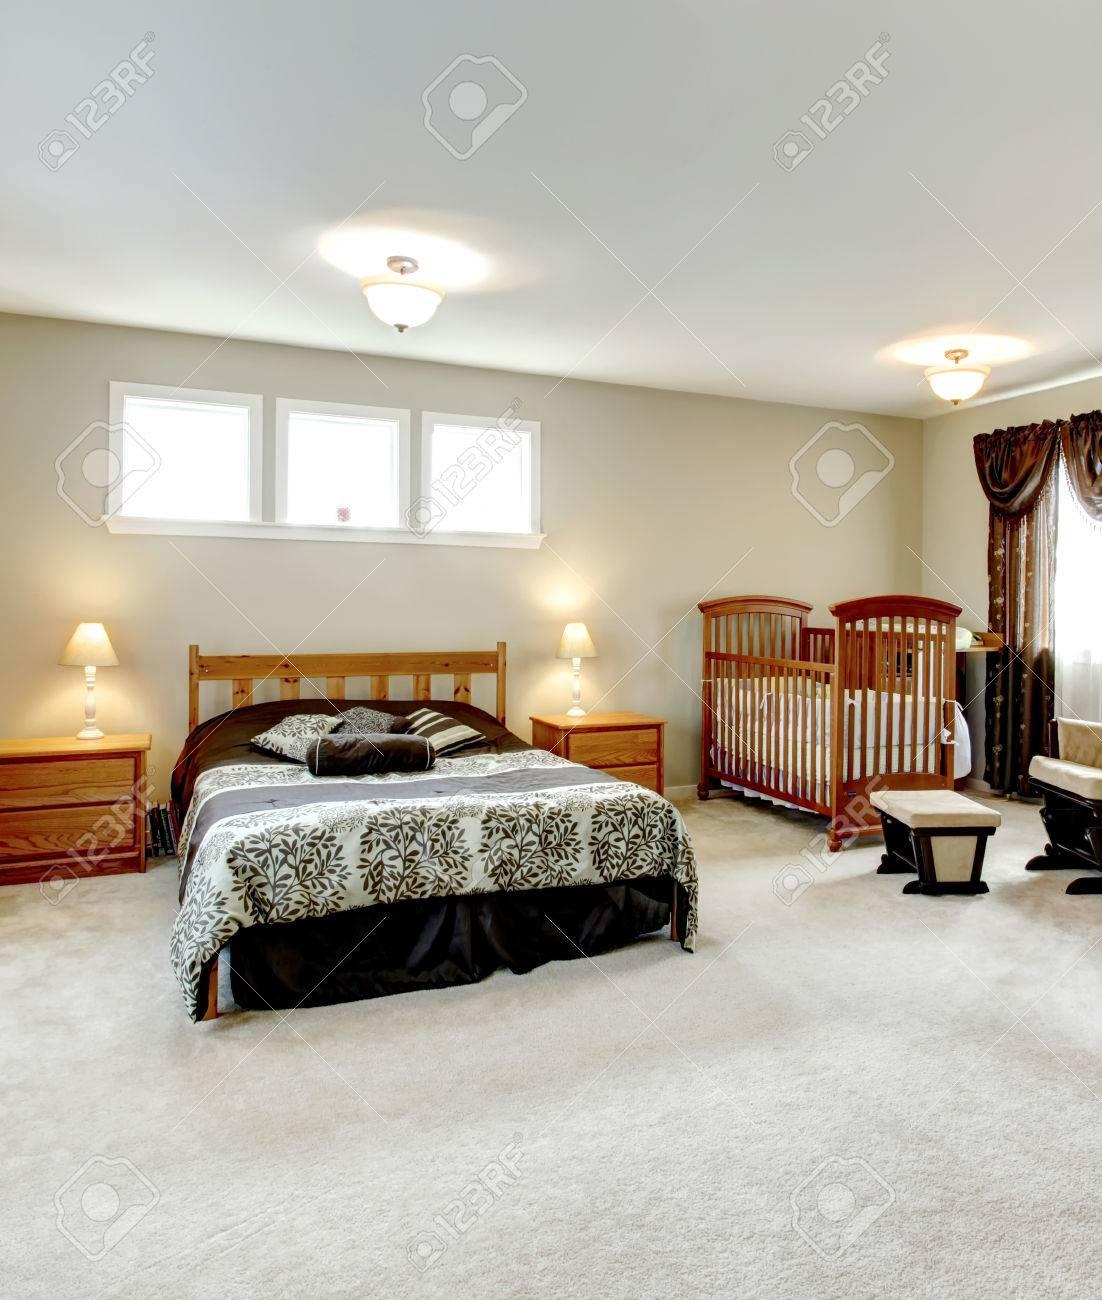 Große Schlafzimmer Mit Einem Begehbaren Kleiderschrank. Kinderecke ...